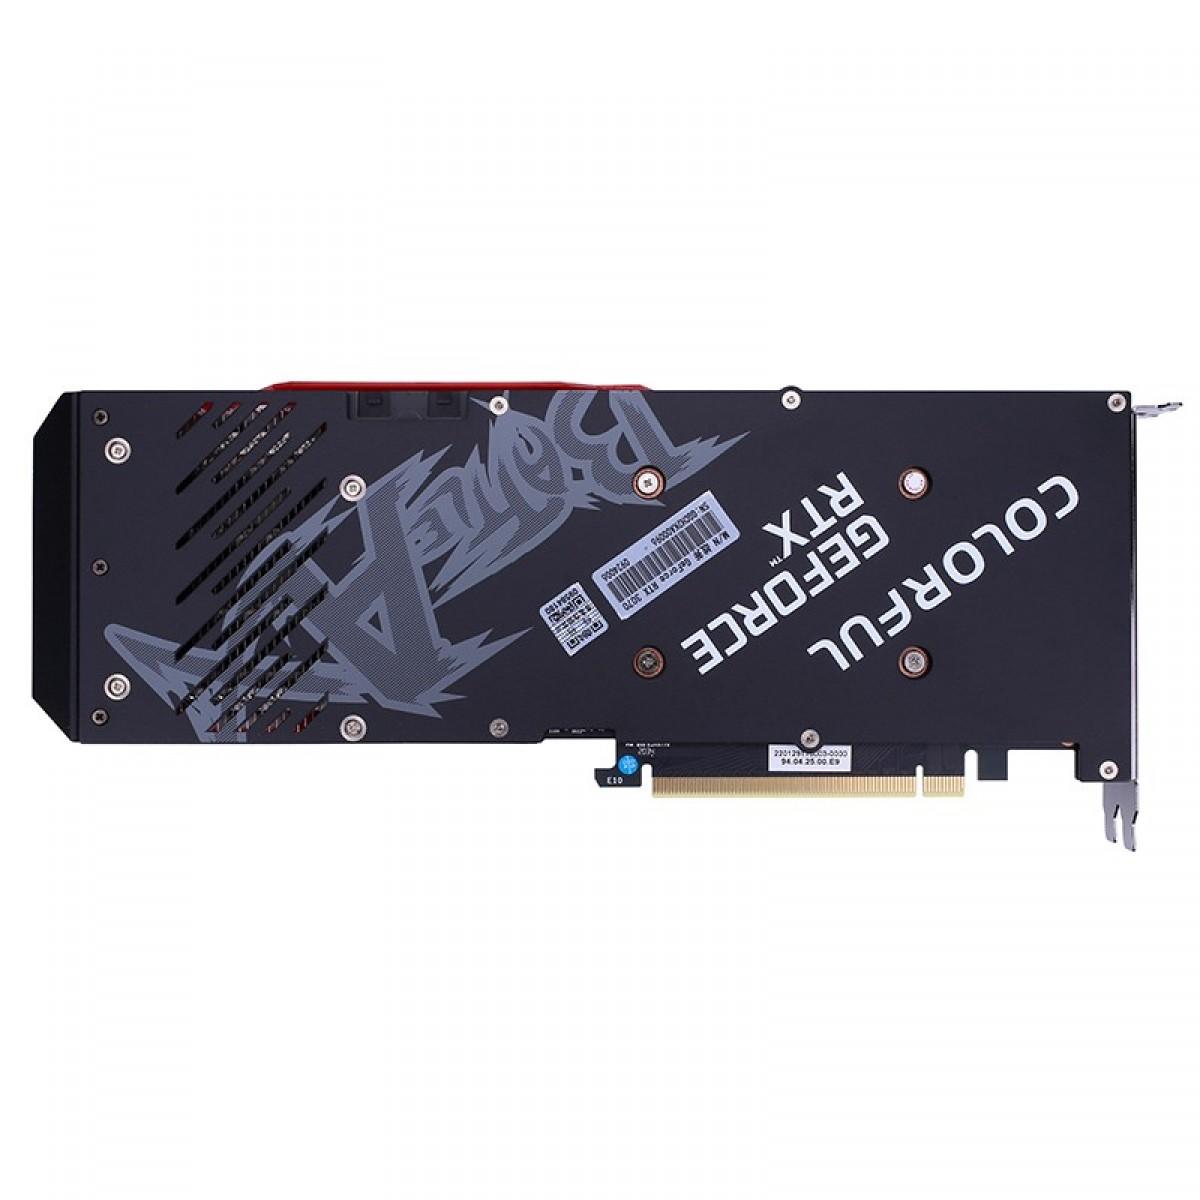 Placa de Vídeo Colorful, GeForce, RTX 3070 NB-V, 8GB, GDDR6, 256Bit, 212327116802